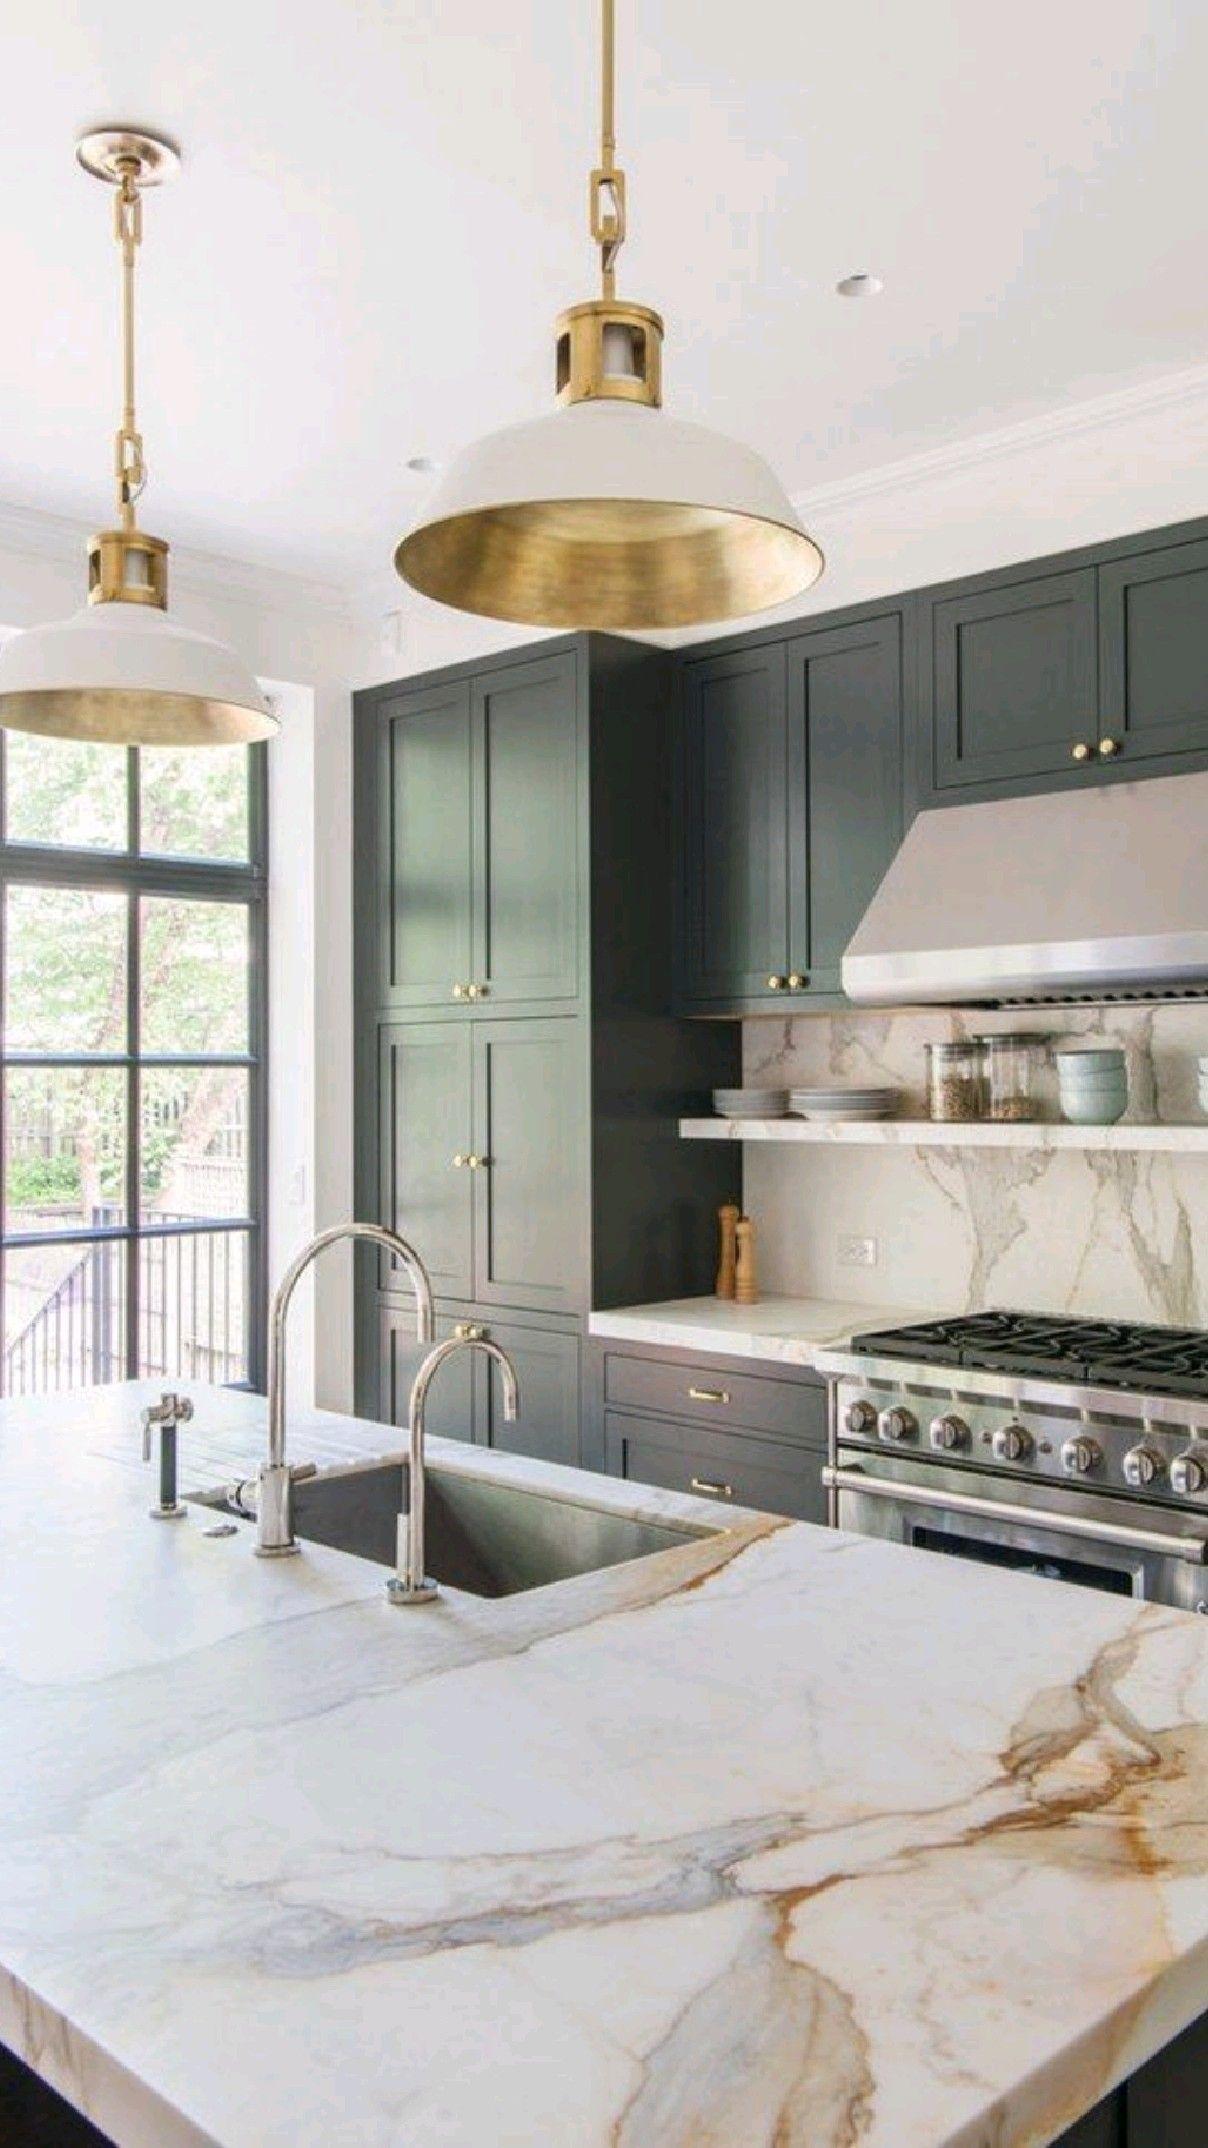 Three amazing kitchen designs